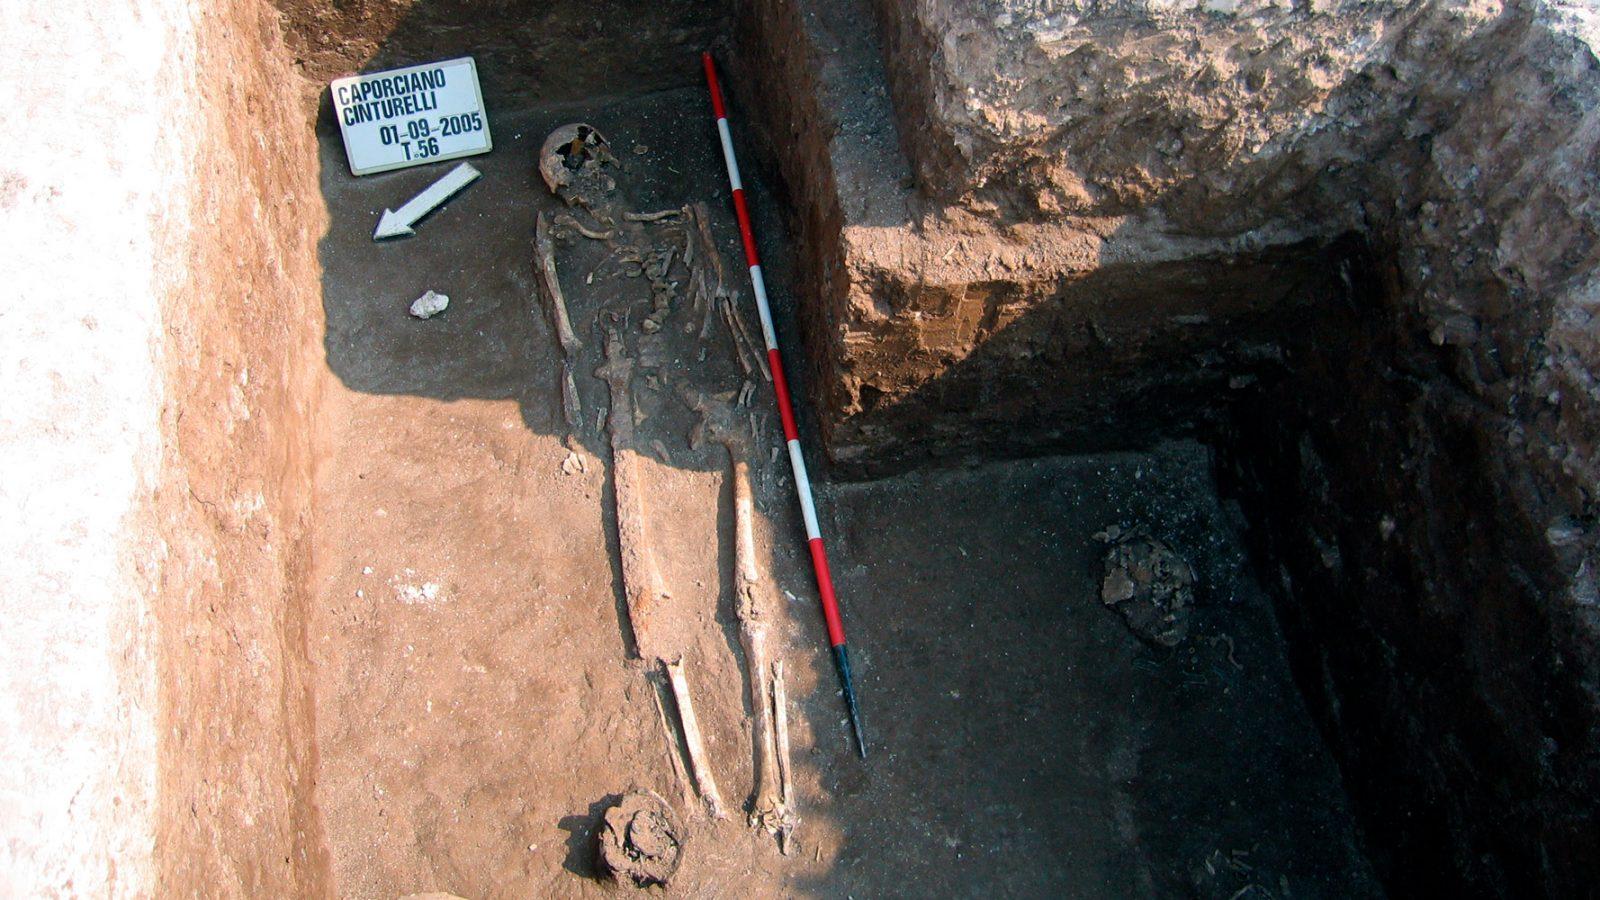 Abruzzo, necropoli di Caporciano-Cinturelli: tomba maschile in corso di scavo, 2005 (Archivio storico Anas)